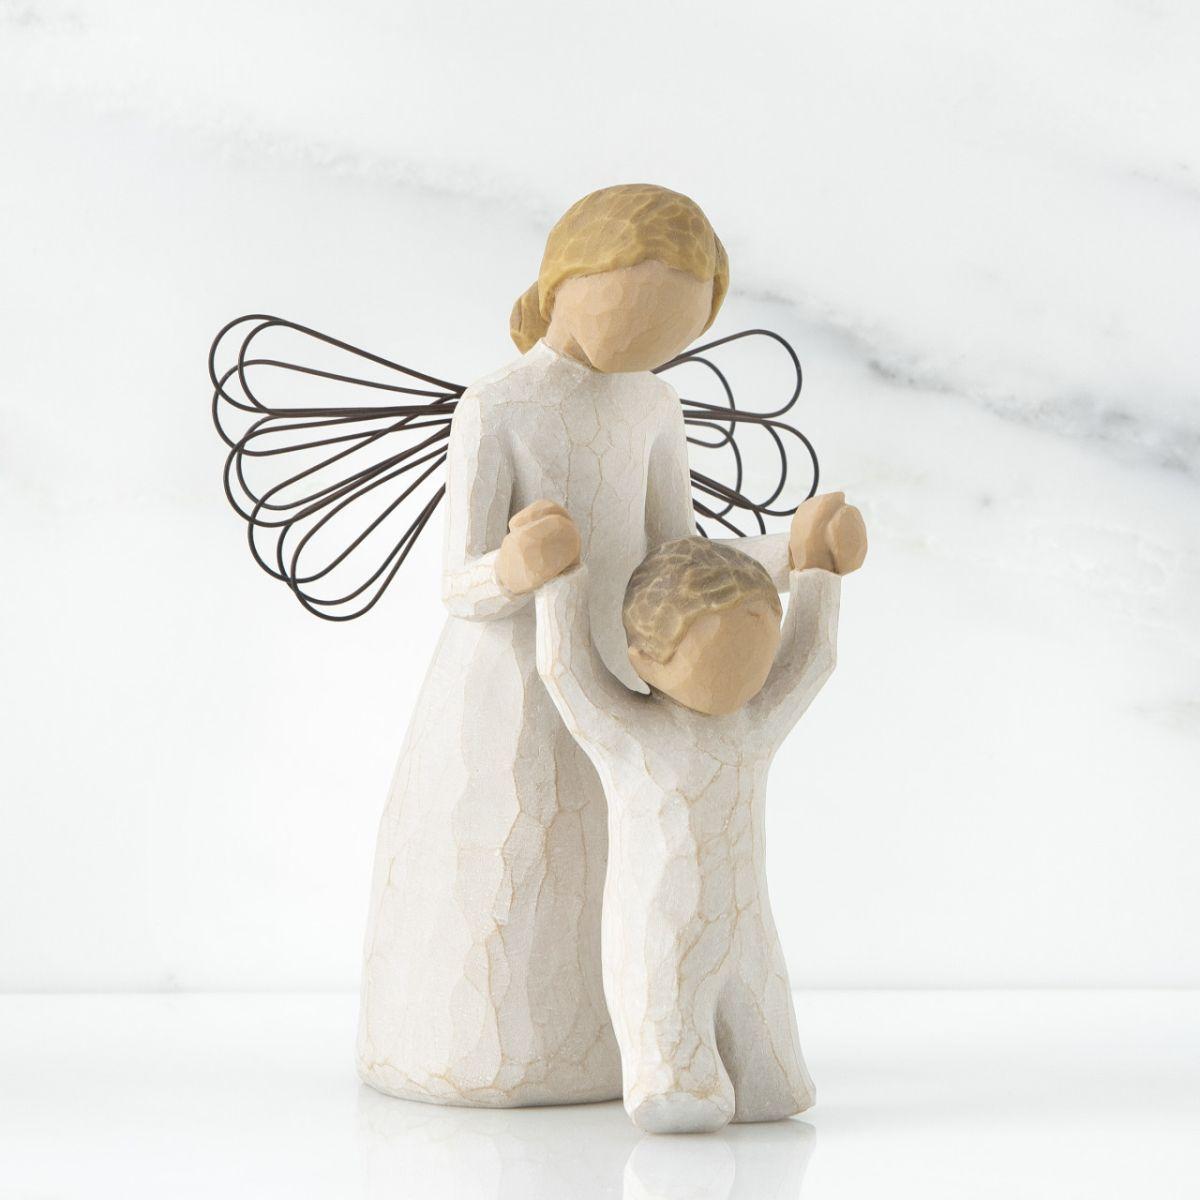 ウィローツリー天使像 【Guardian Angel】 - 守護天使